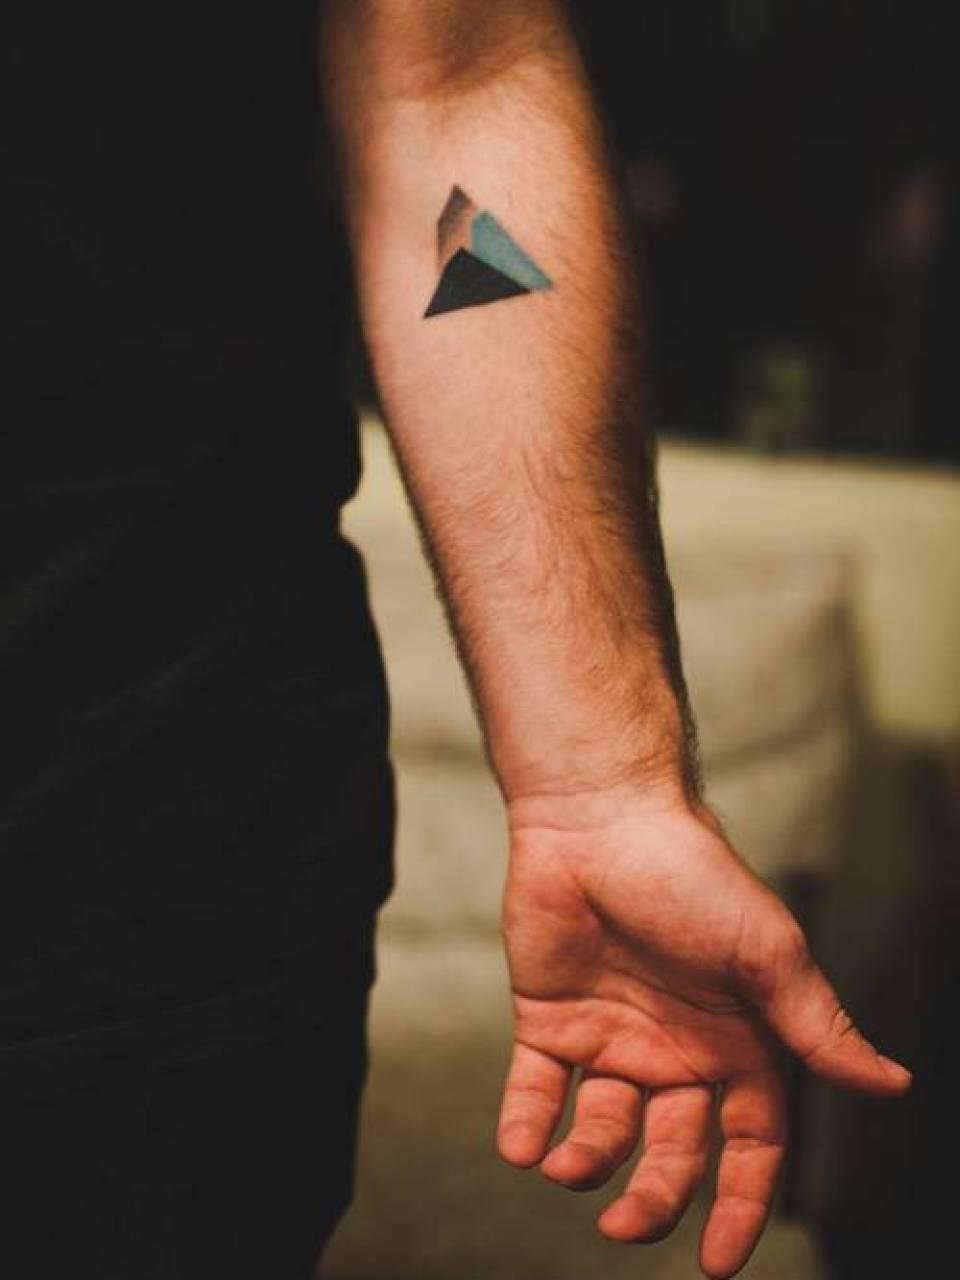 25+ Mountain Tattoos On Forearm